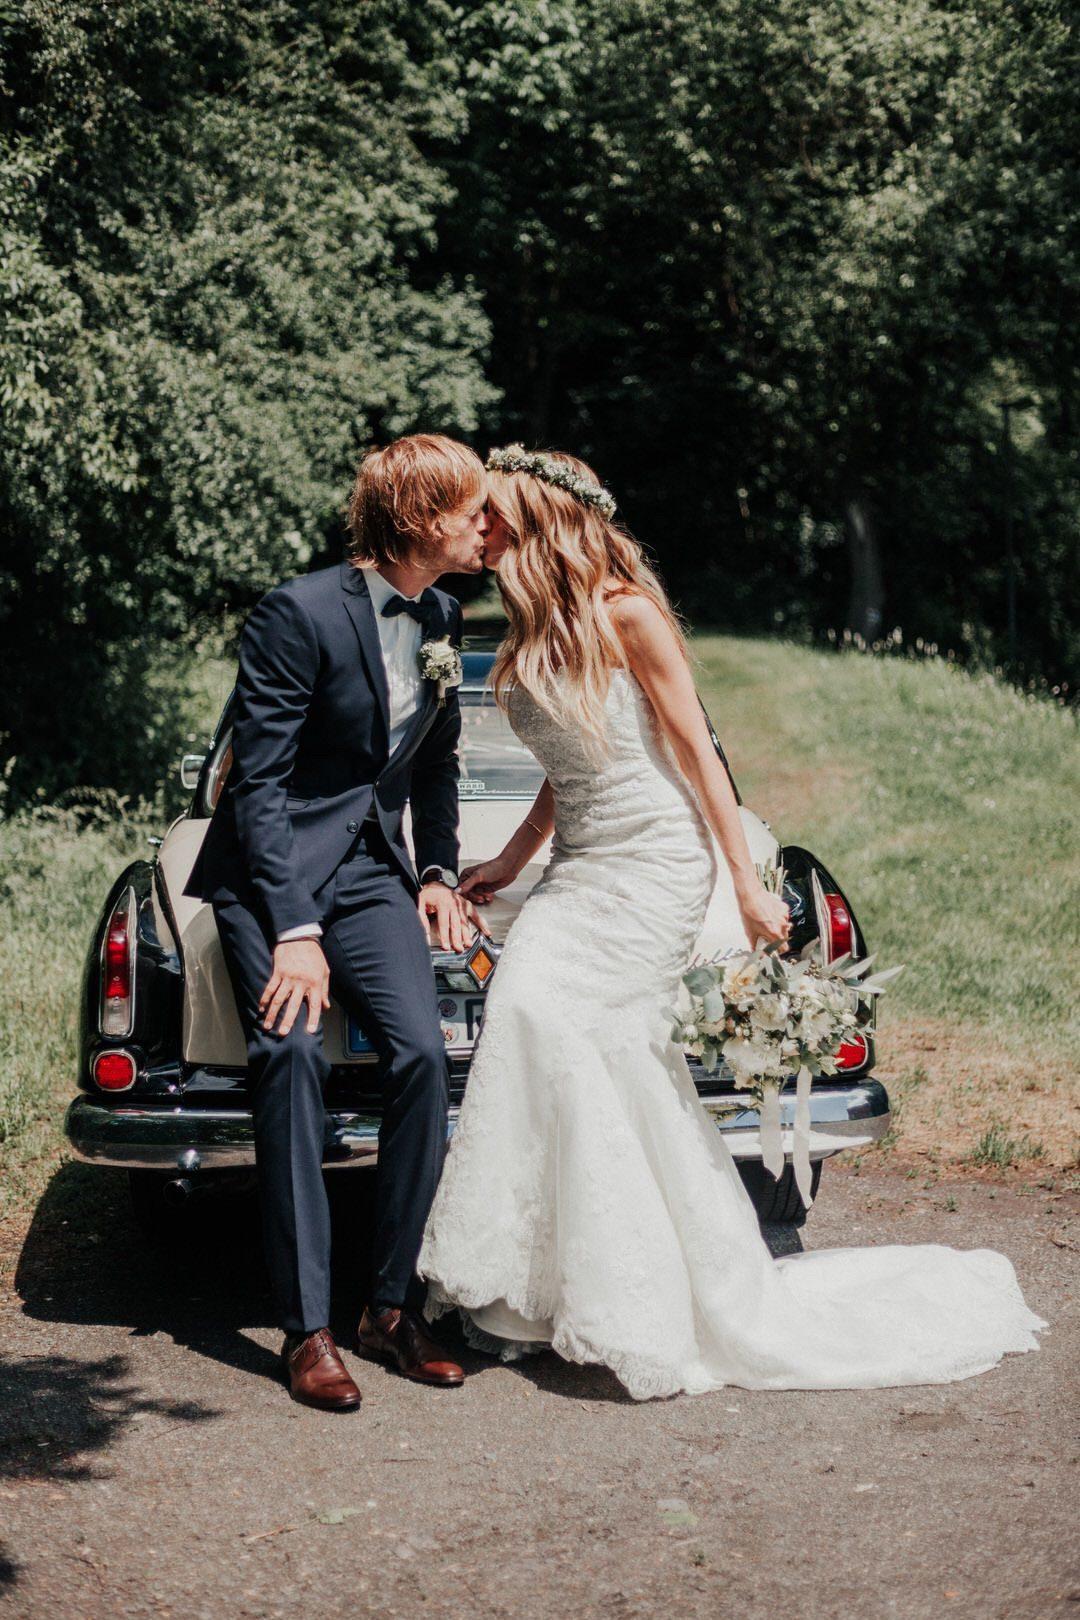 Borgward Oldtimer für romantisches Hochzeitsshooting